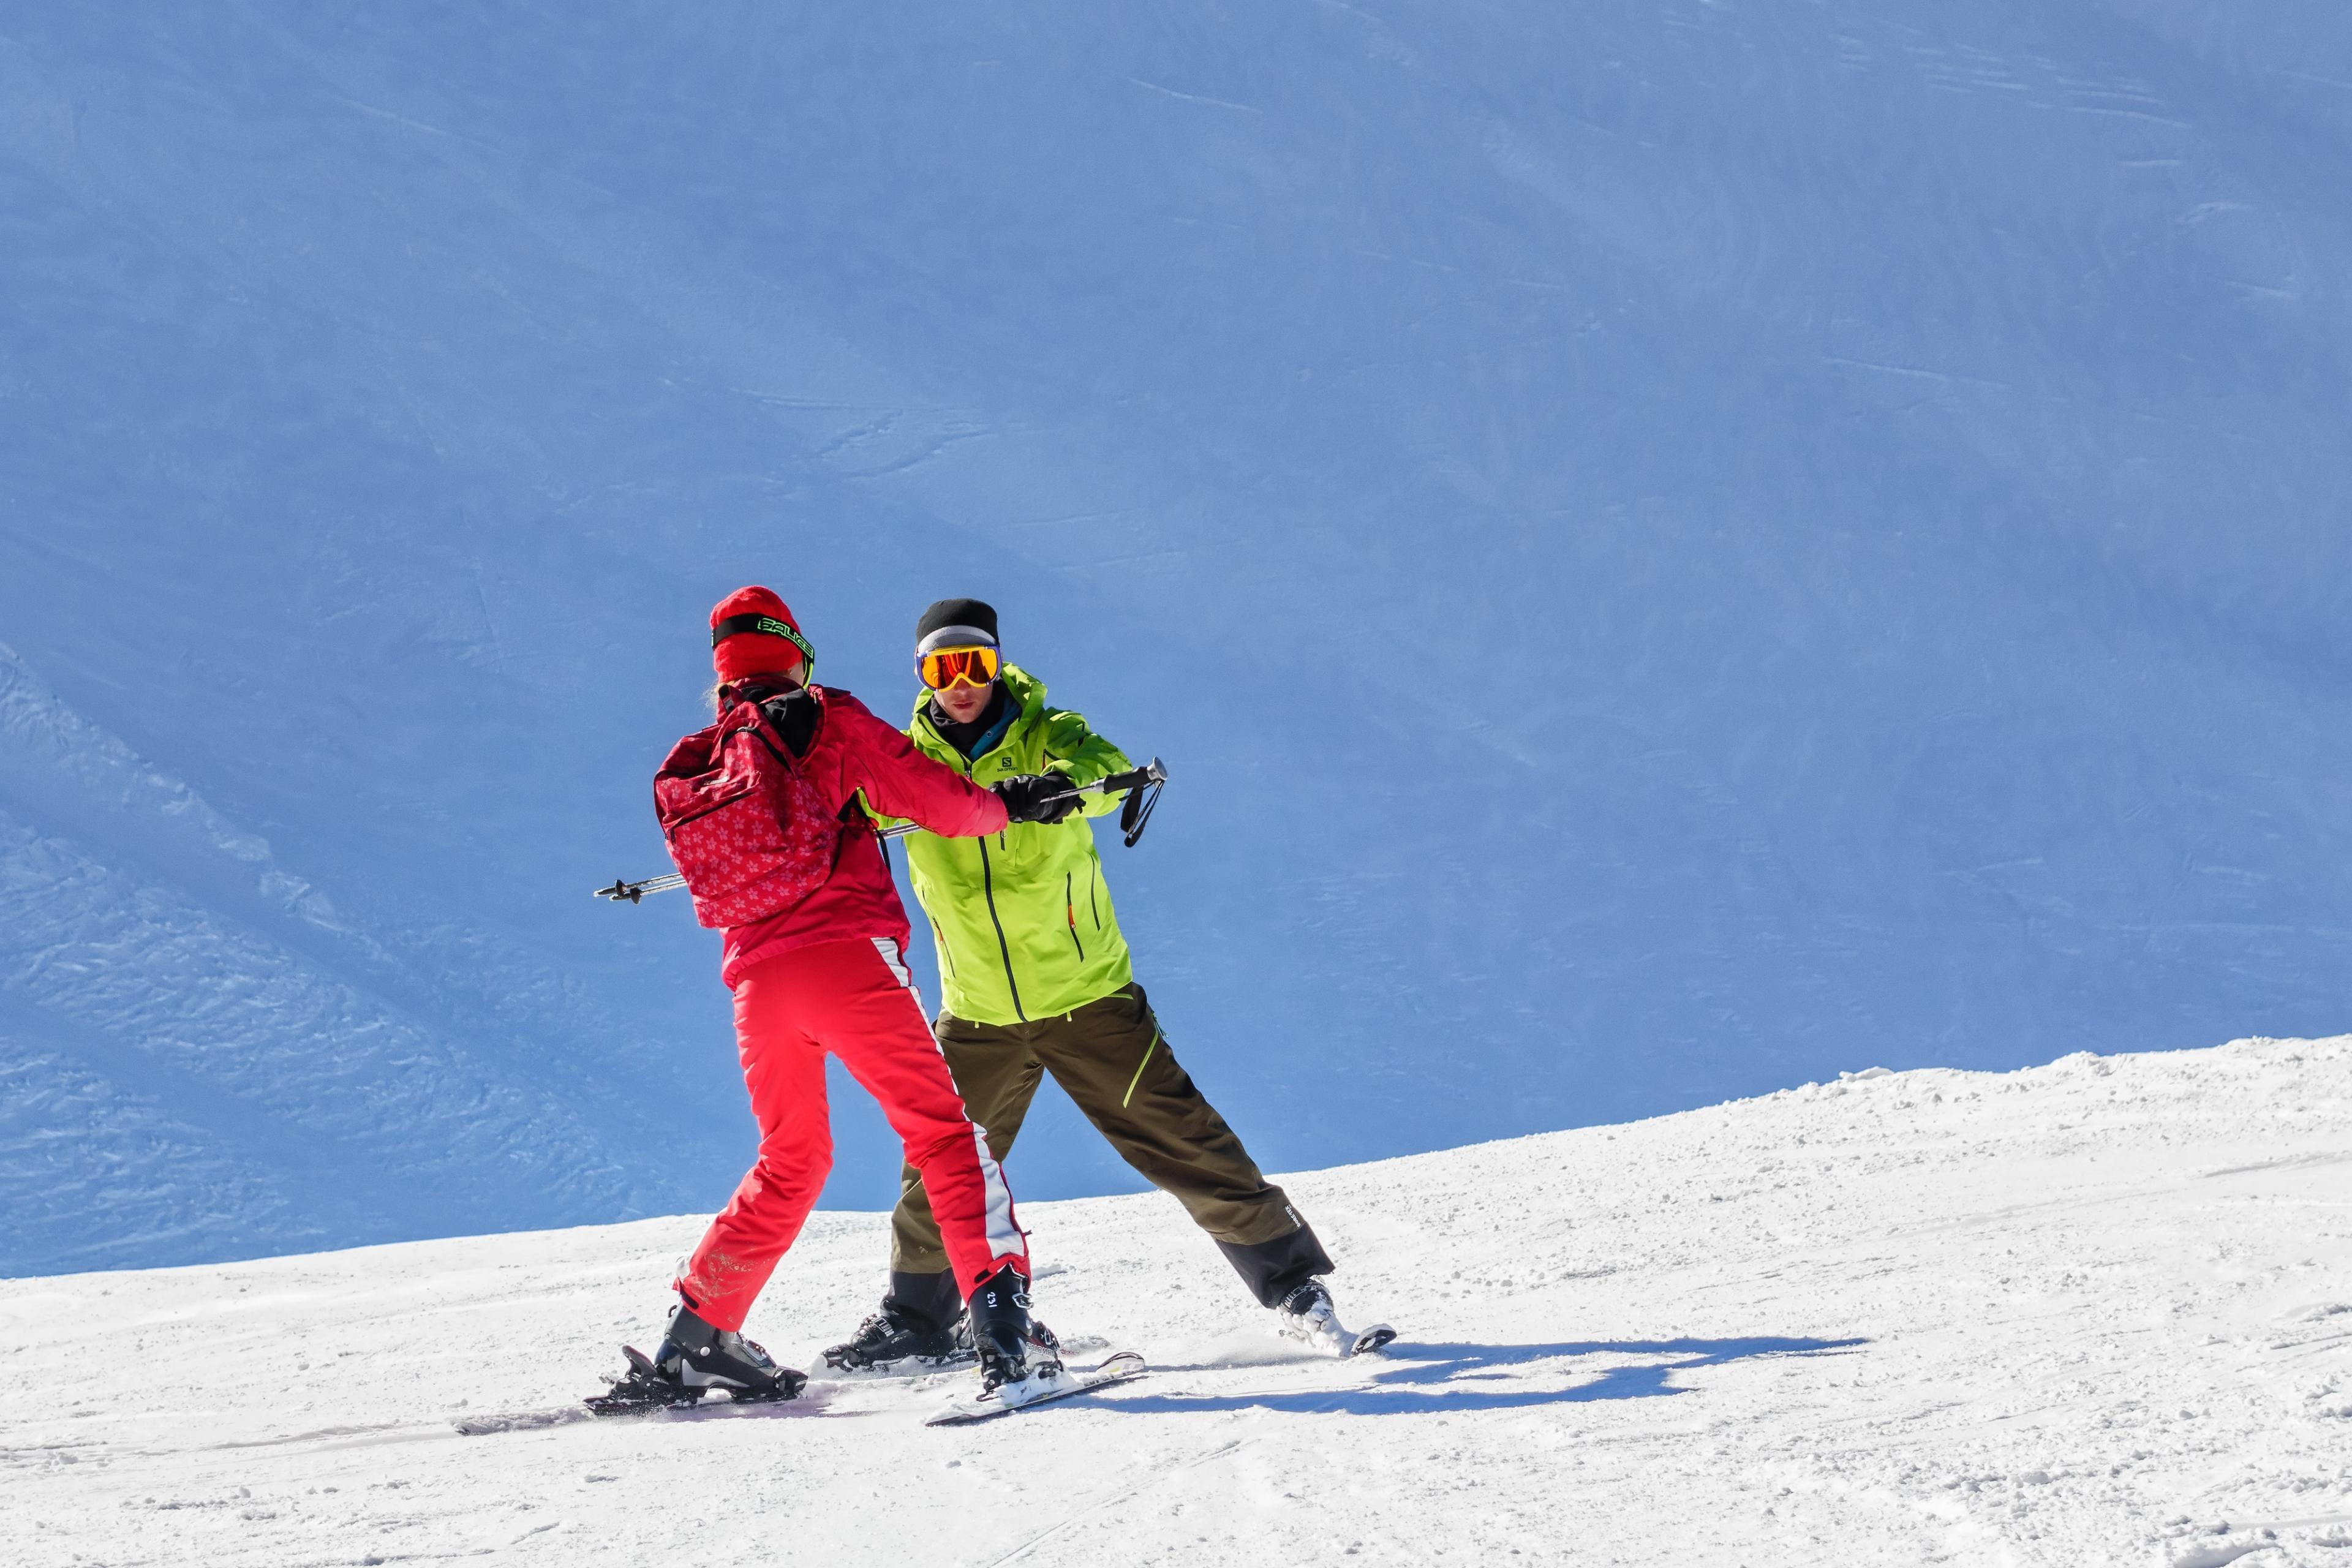 Cours particulier de ski Adultes - Vacances - Villaroger